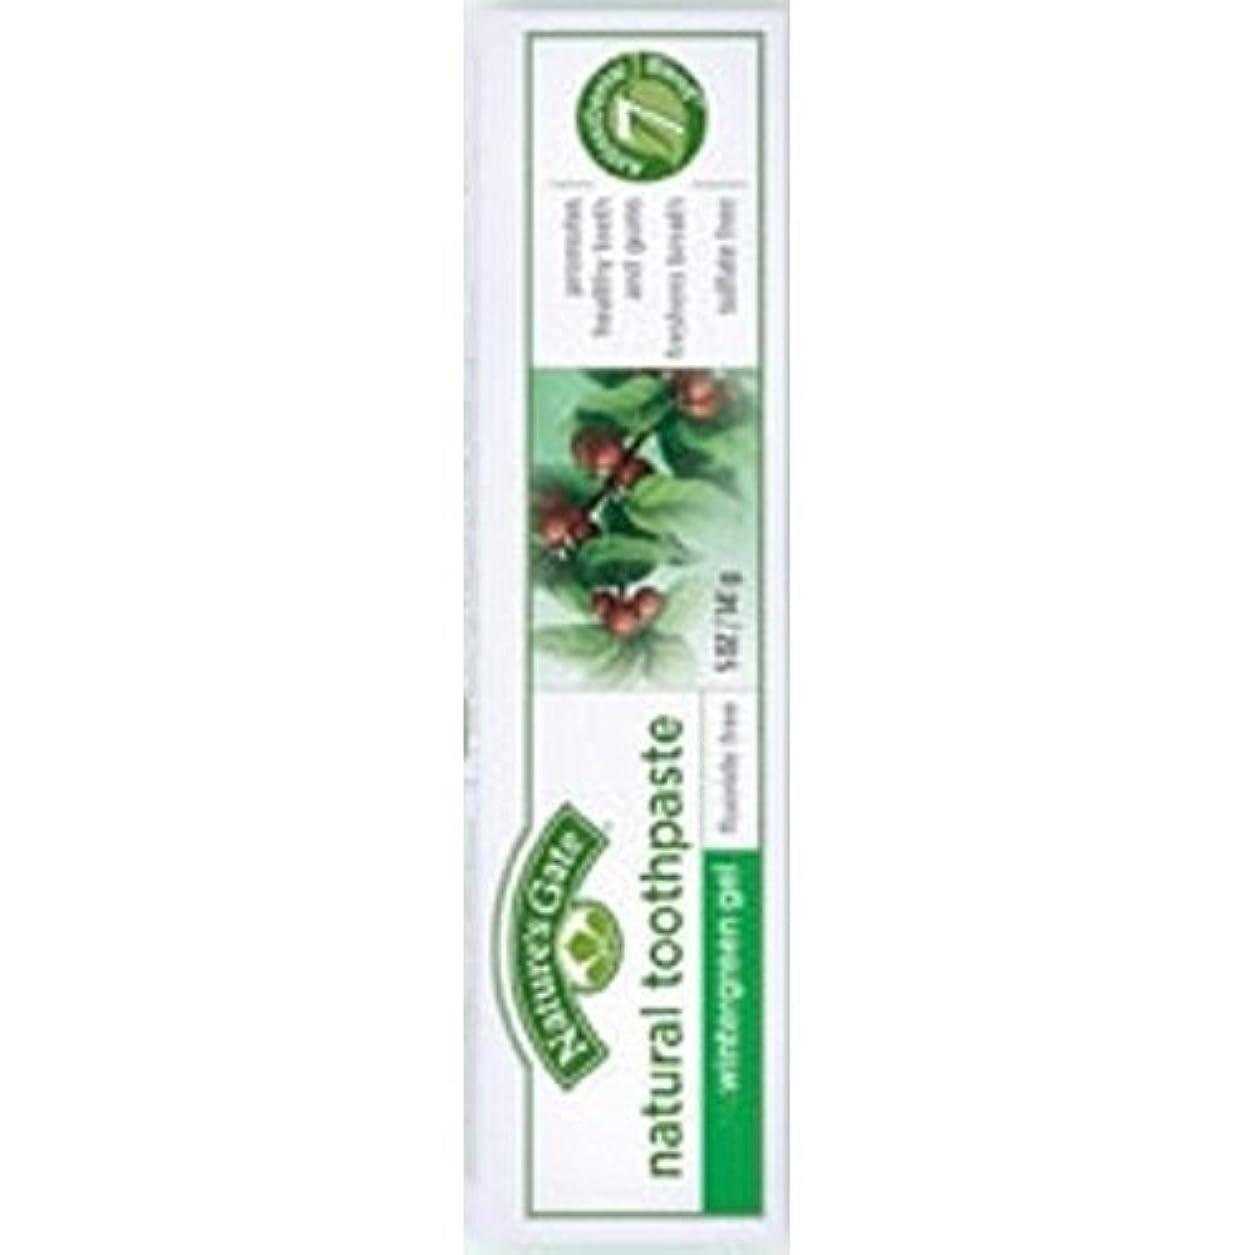 マニアチャート修正Nature's Gate Natural Toothpaste Gel Flouride Free Wintergreen - 5 oz - Case of 6 by Nature's Gate [並行輸入品]